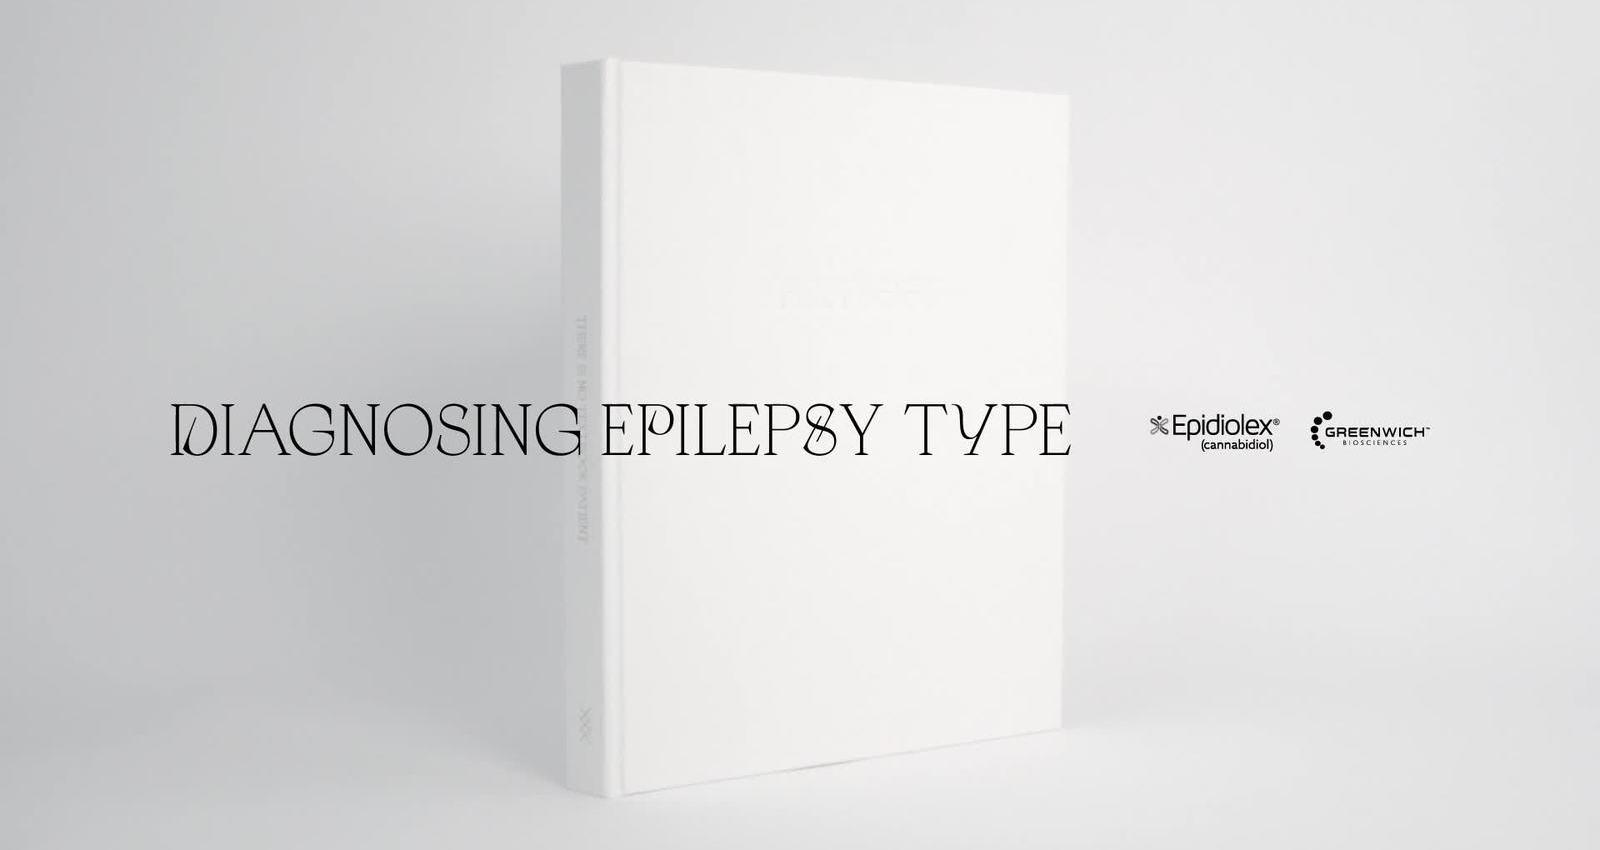 Diagnosing Epilepsy Type